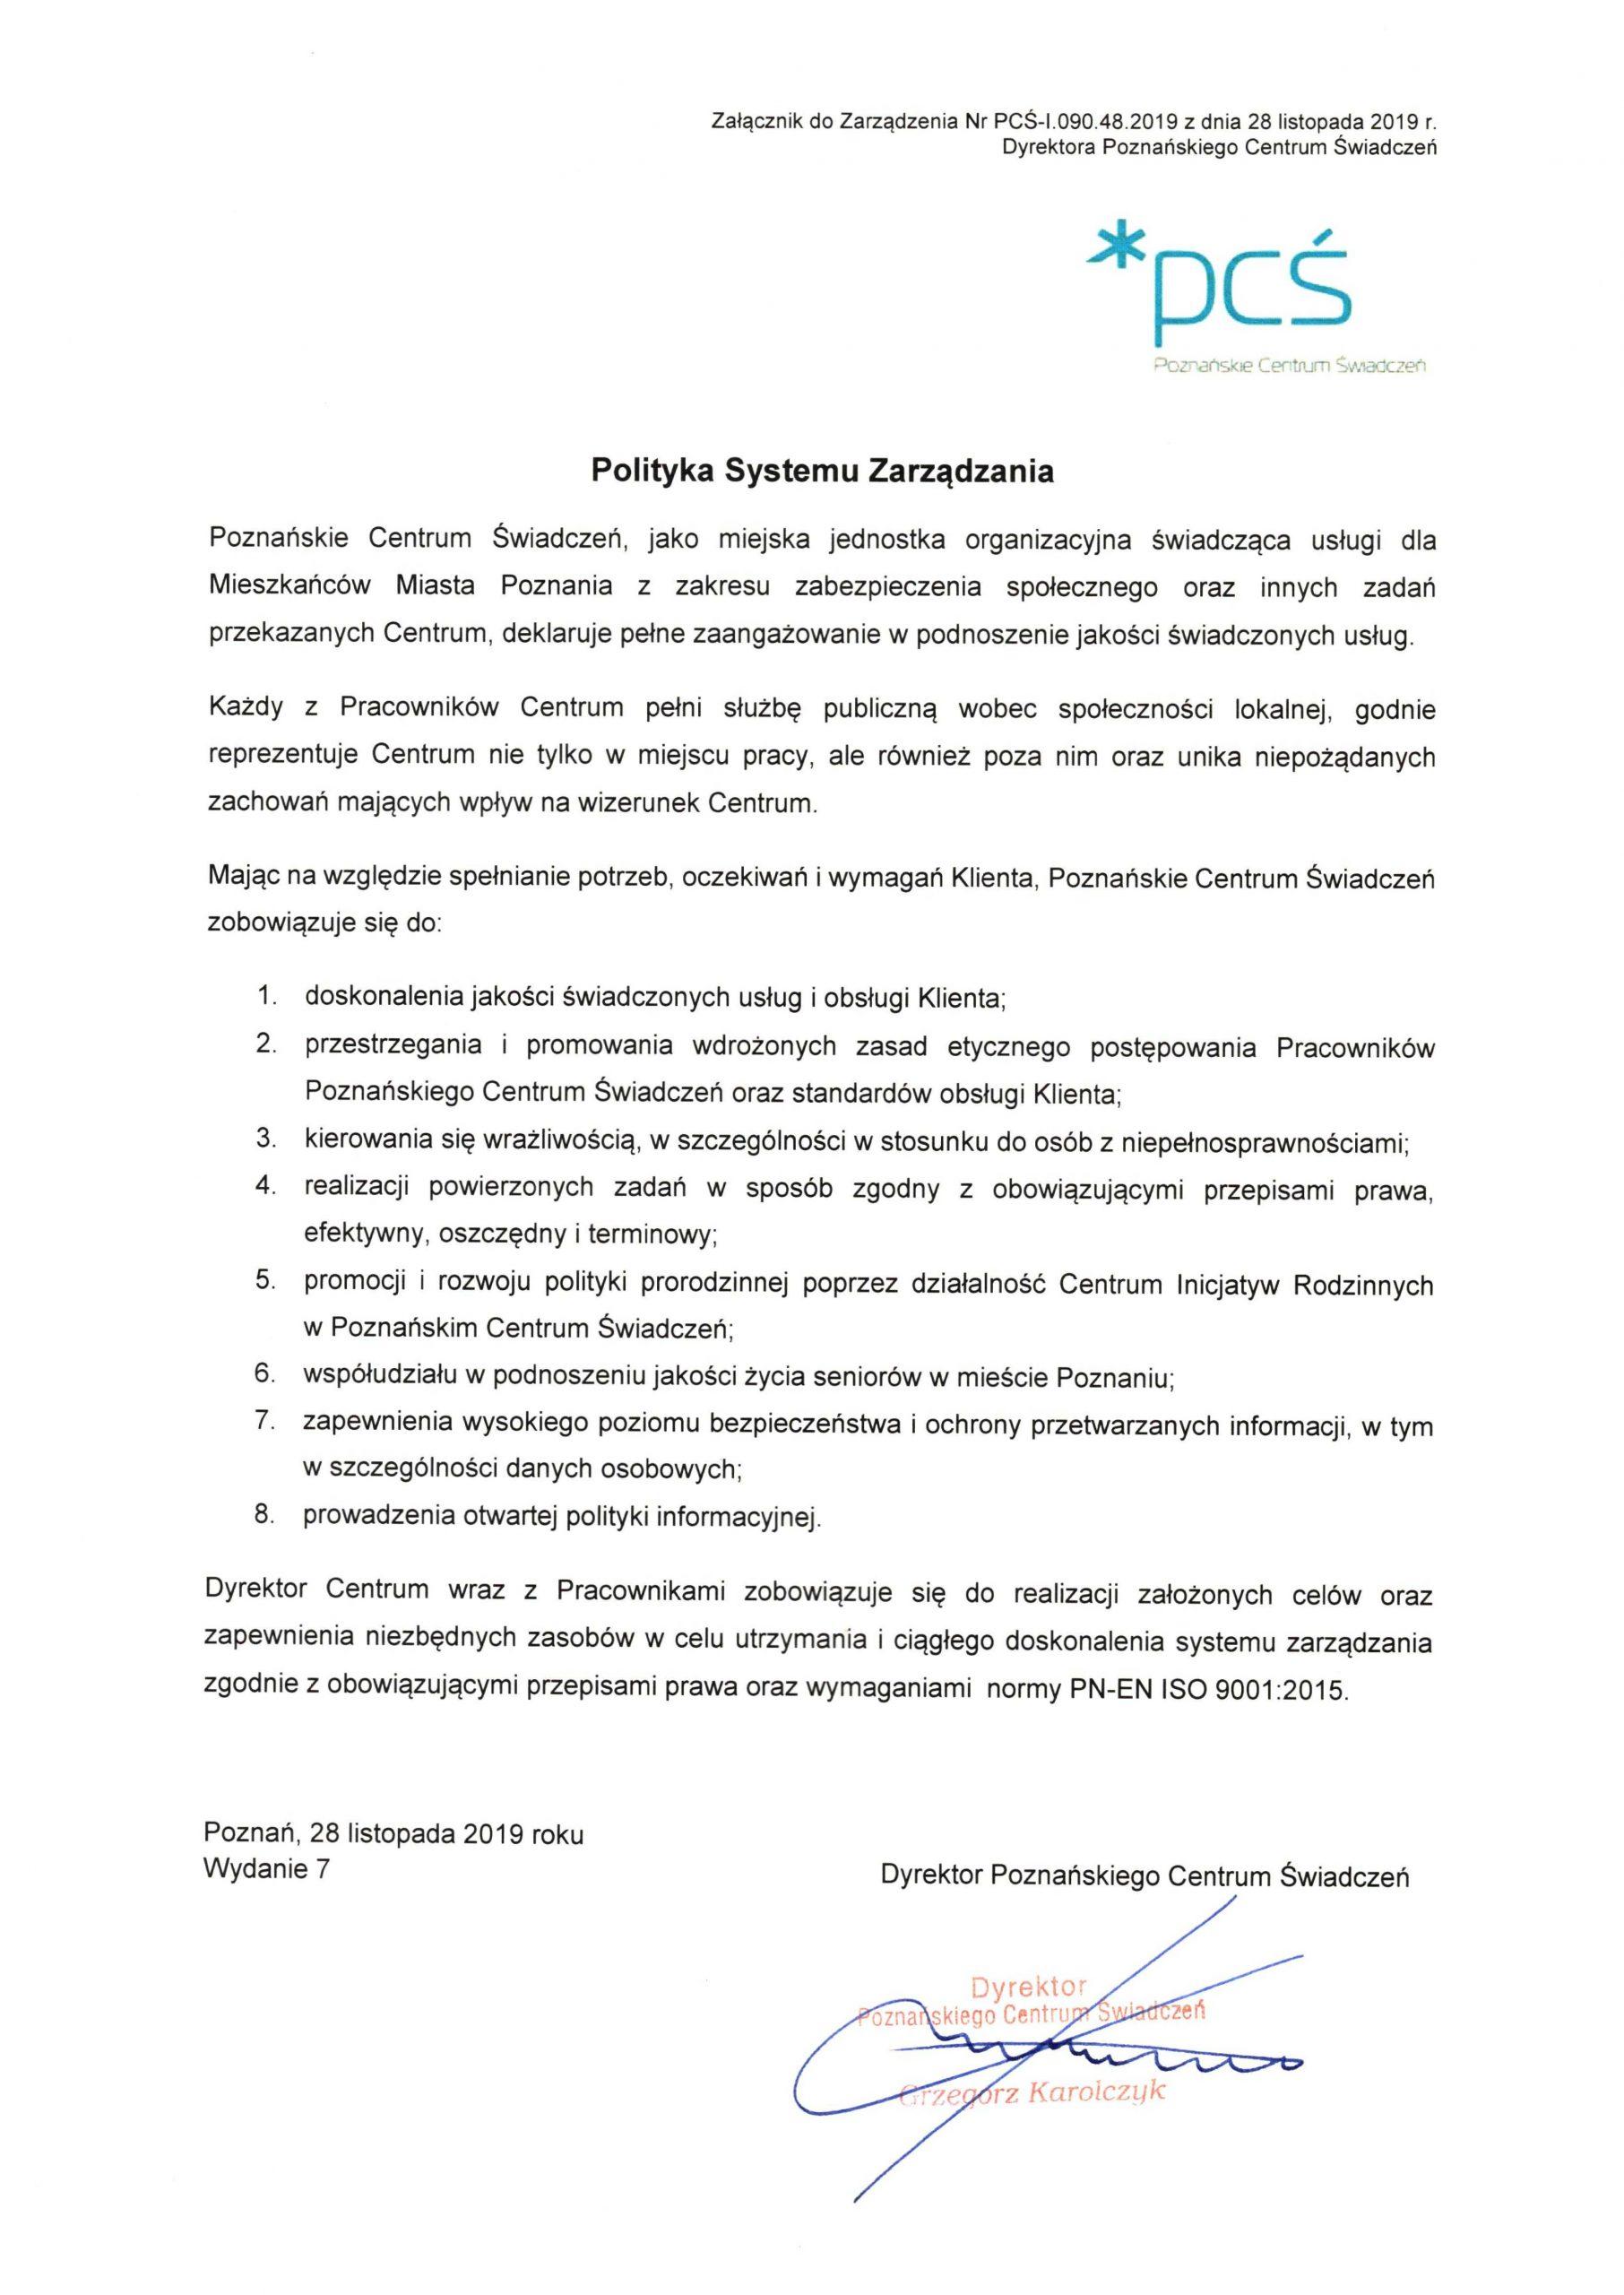 Polityka Systemu Zarządzania wydanie 7